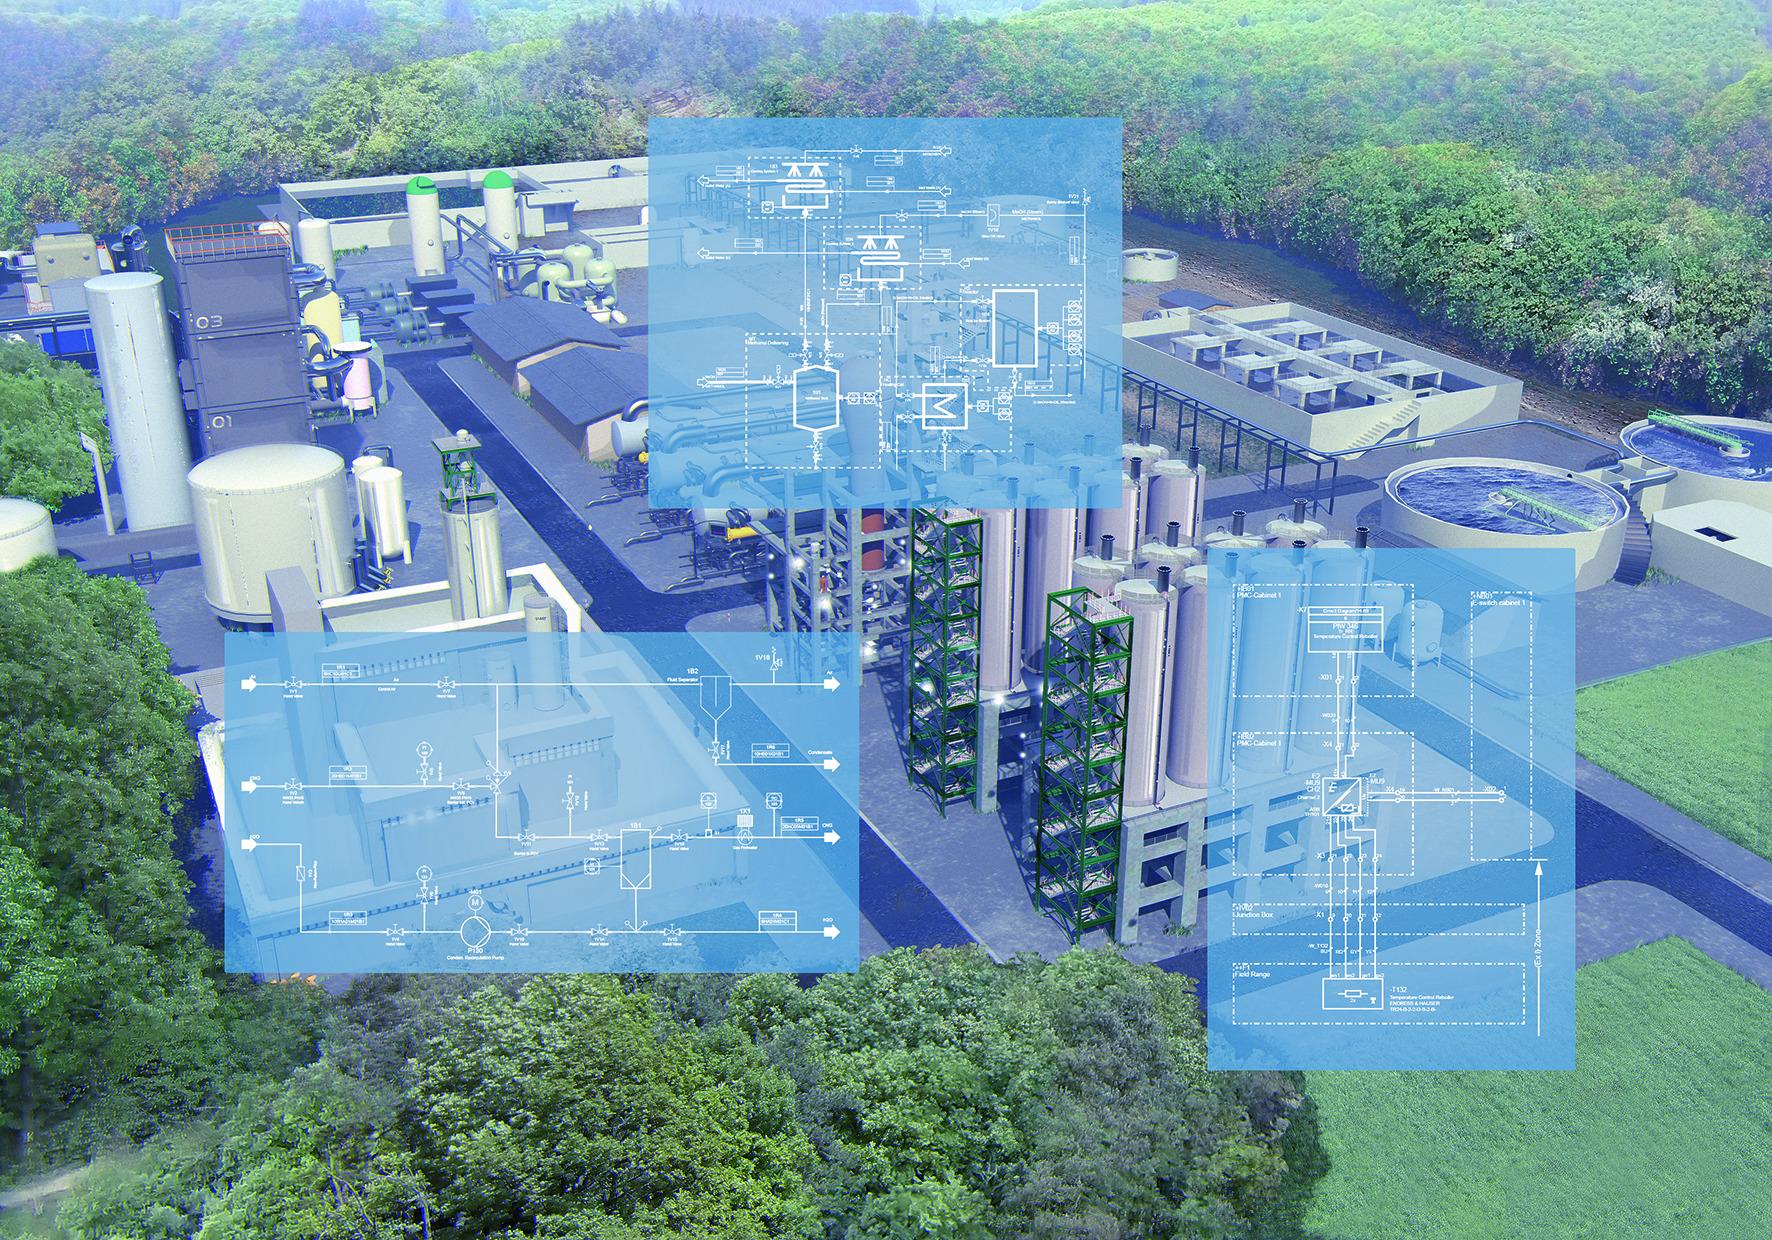 Überwachen und Optimieren sind nur zwei von vielen Aufgaben, die sich mit digitalen Zwillingen unterstützen lassen. (Bild: Aucotec AG)